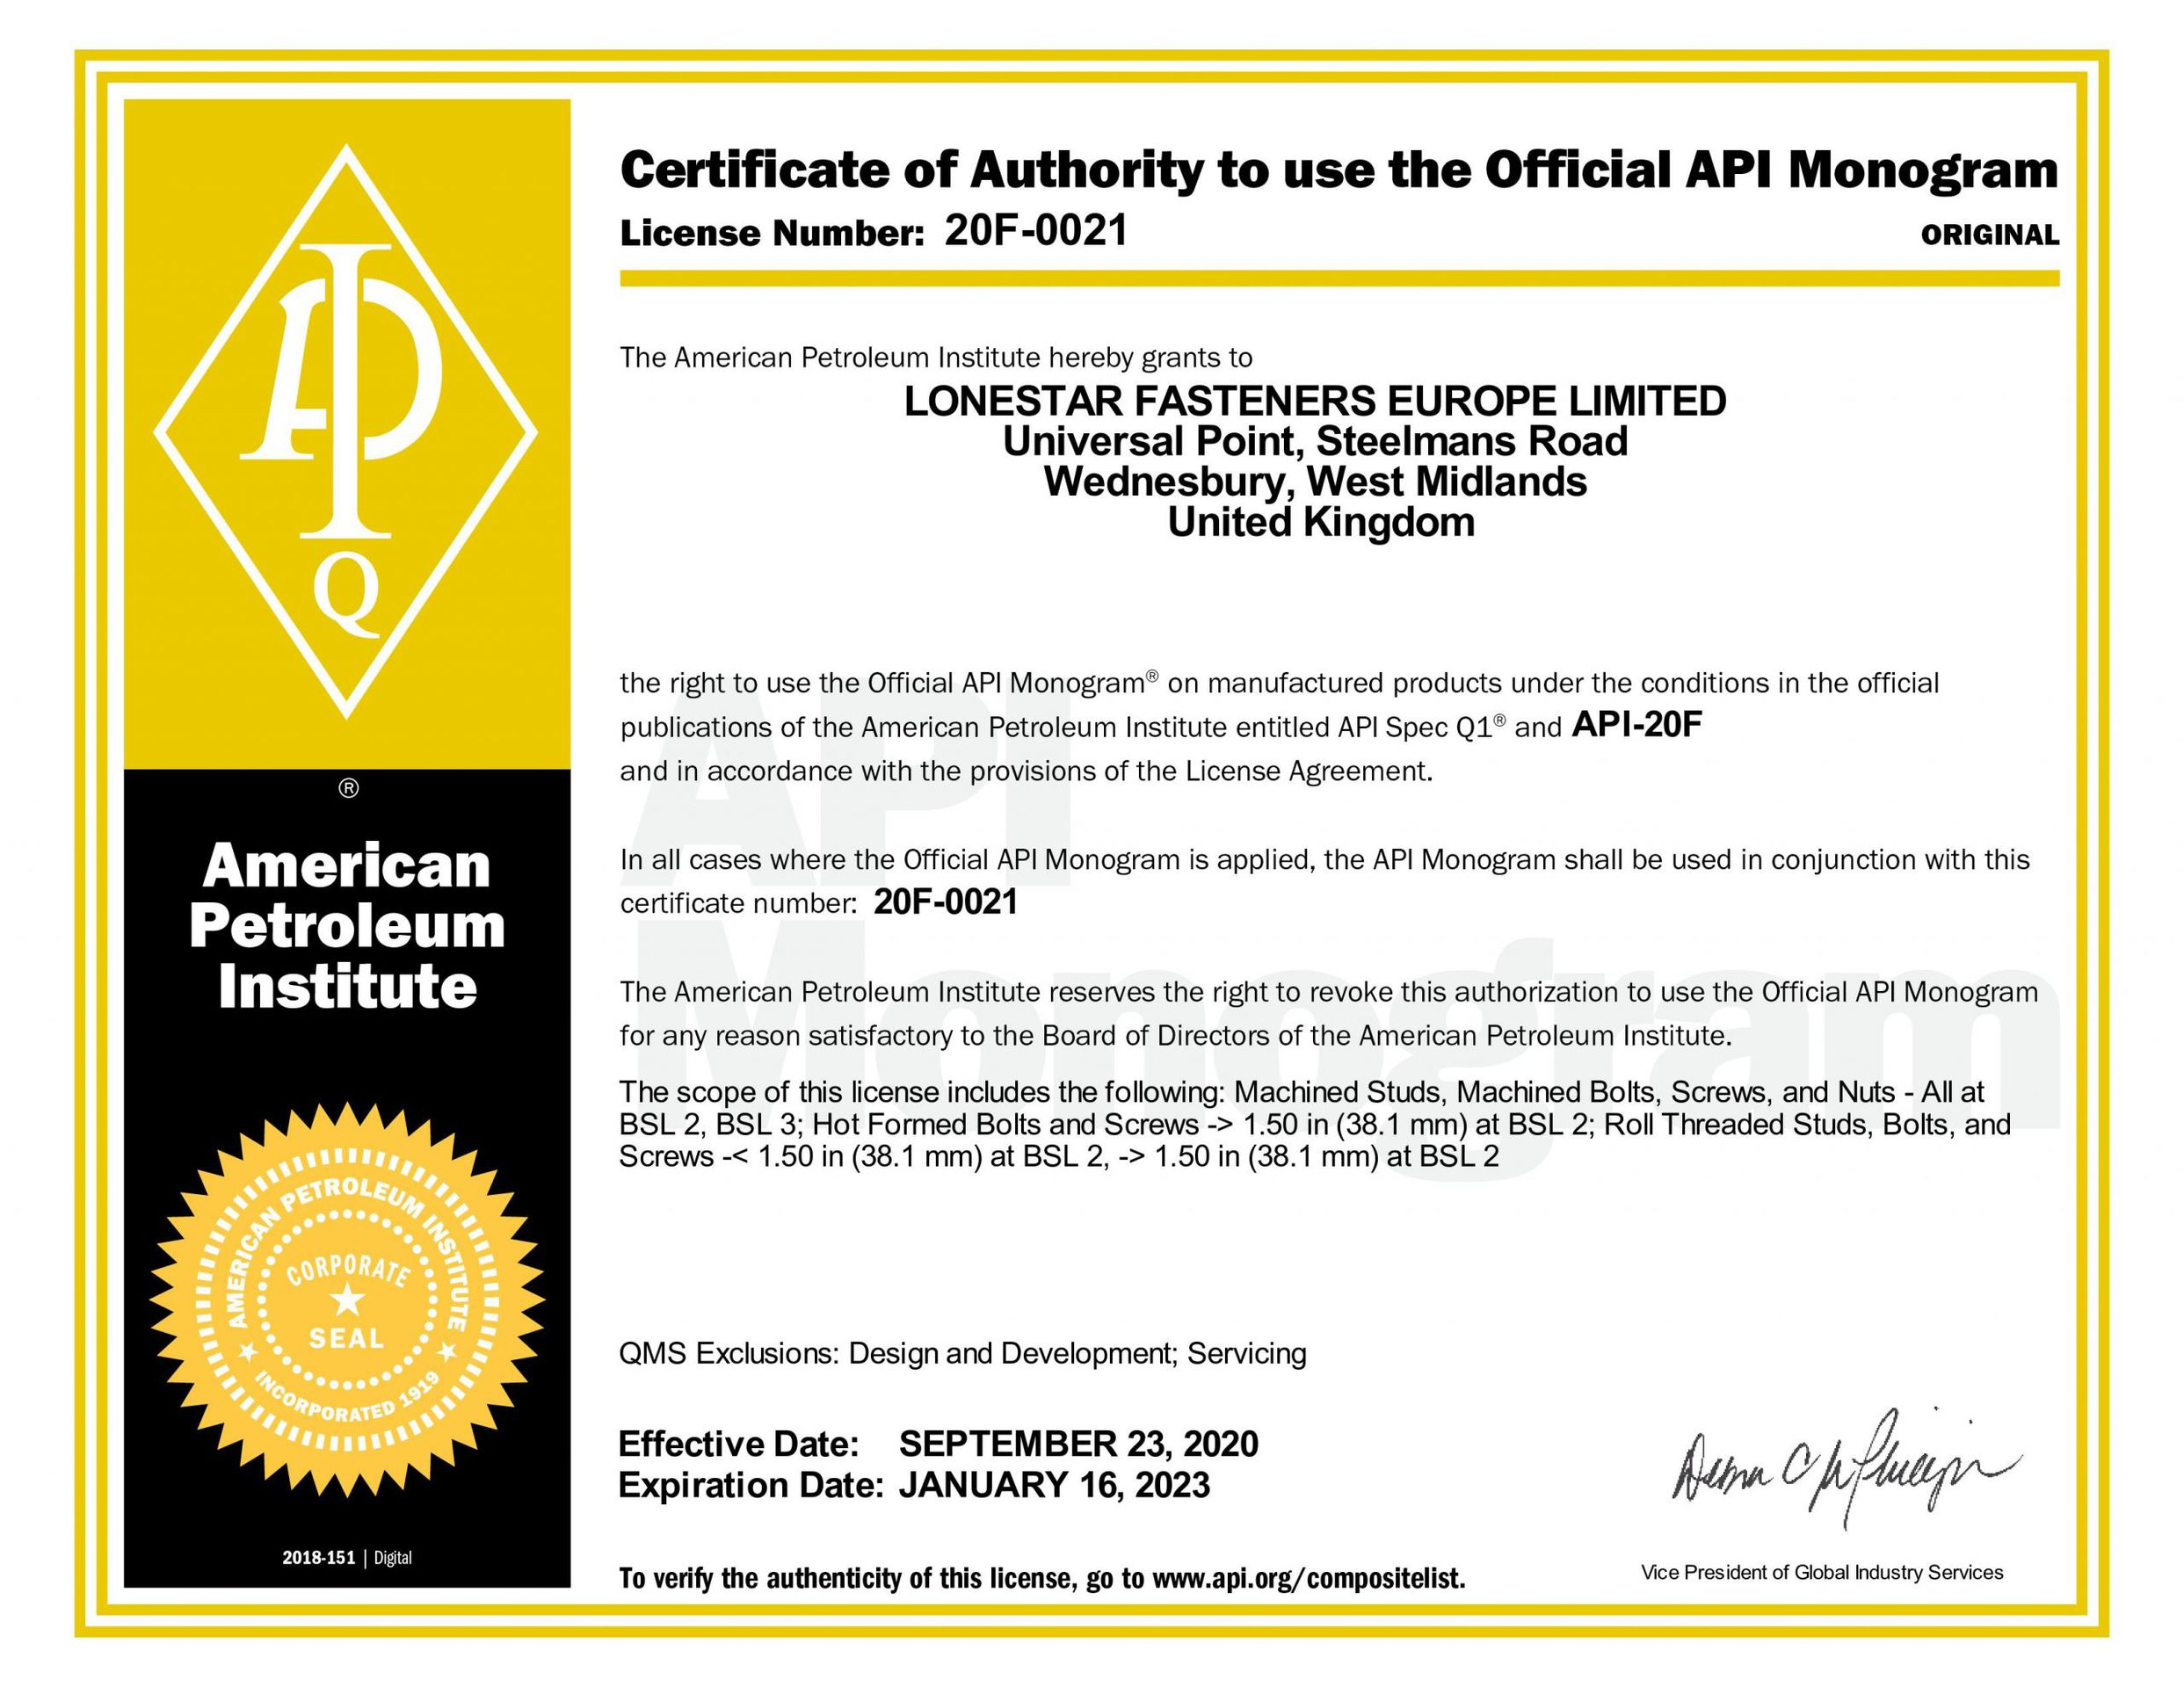 Level 3 Certificate 20F 0021 20200923120935 1